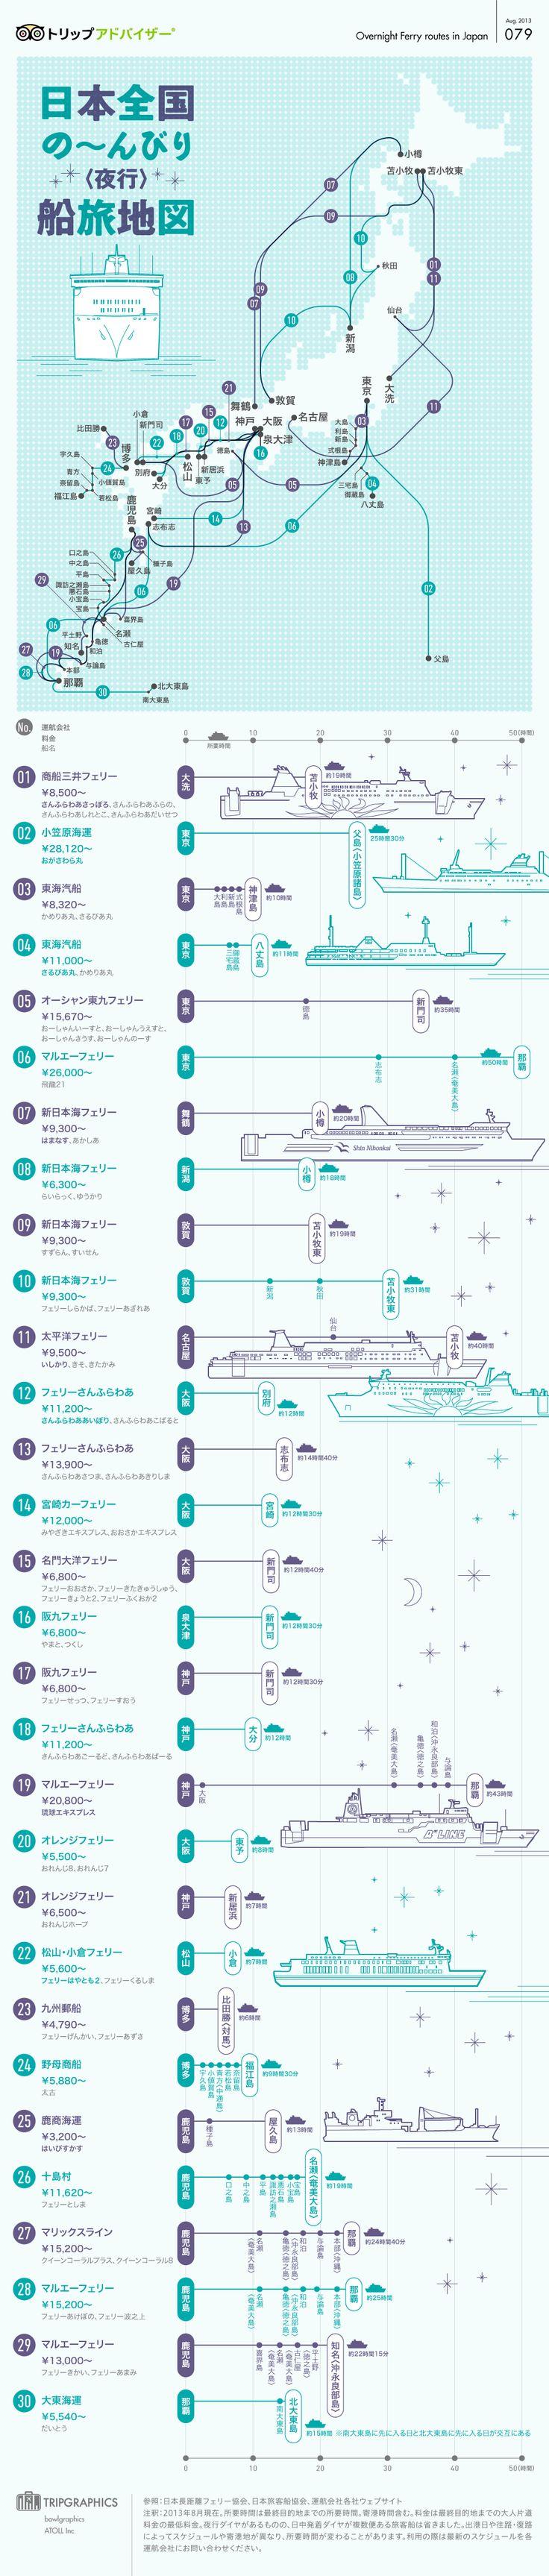 日本全国のんびり(夜行)船旅地図 | TripAdvisor Gallery 旅のヒントが詰まったキュレーションマガジン